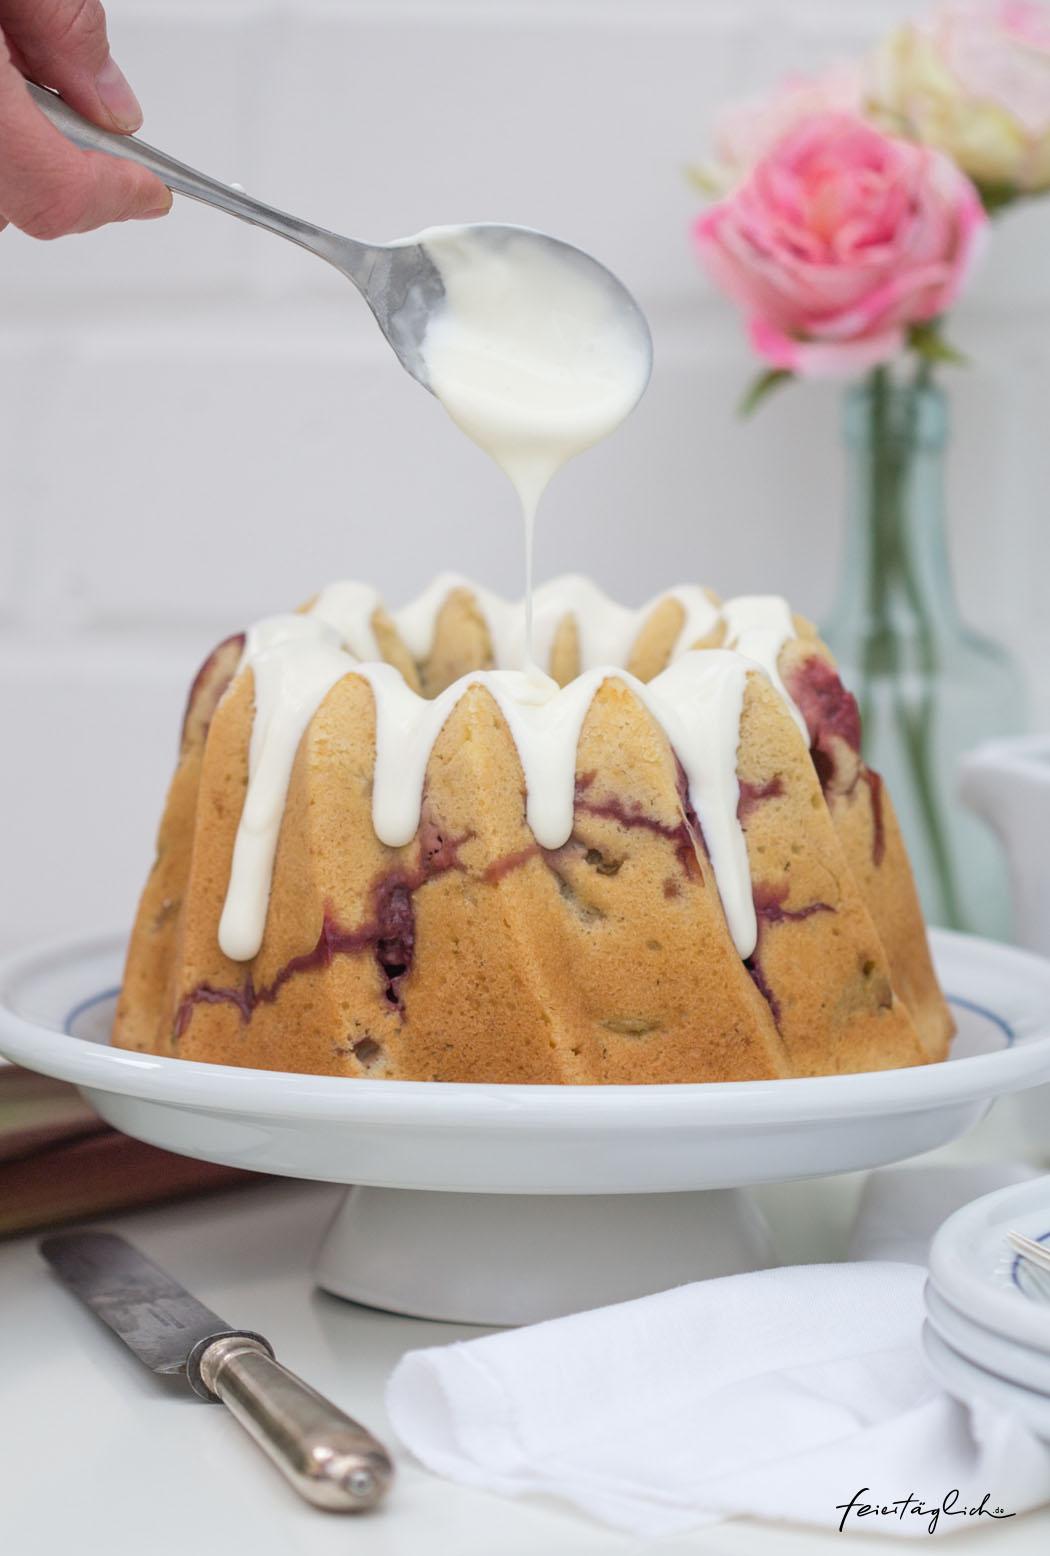 Rhabarber-Erdbeer-Gugelhupf mit Creme fraîche-Guss, Rezept für saftigen Rührkuchen mit Buttermilch, Erdbeeren und Rhabarber